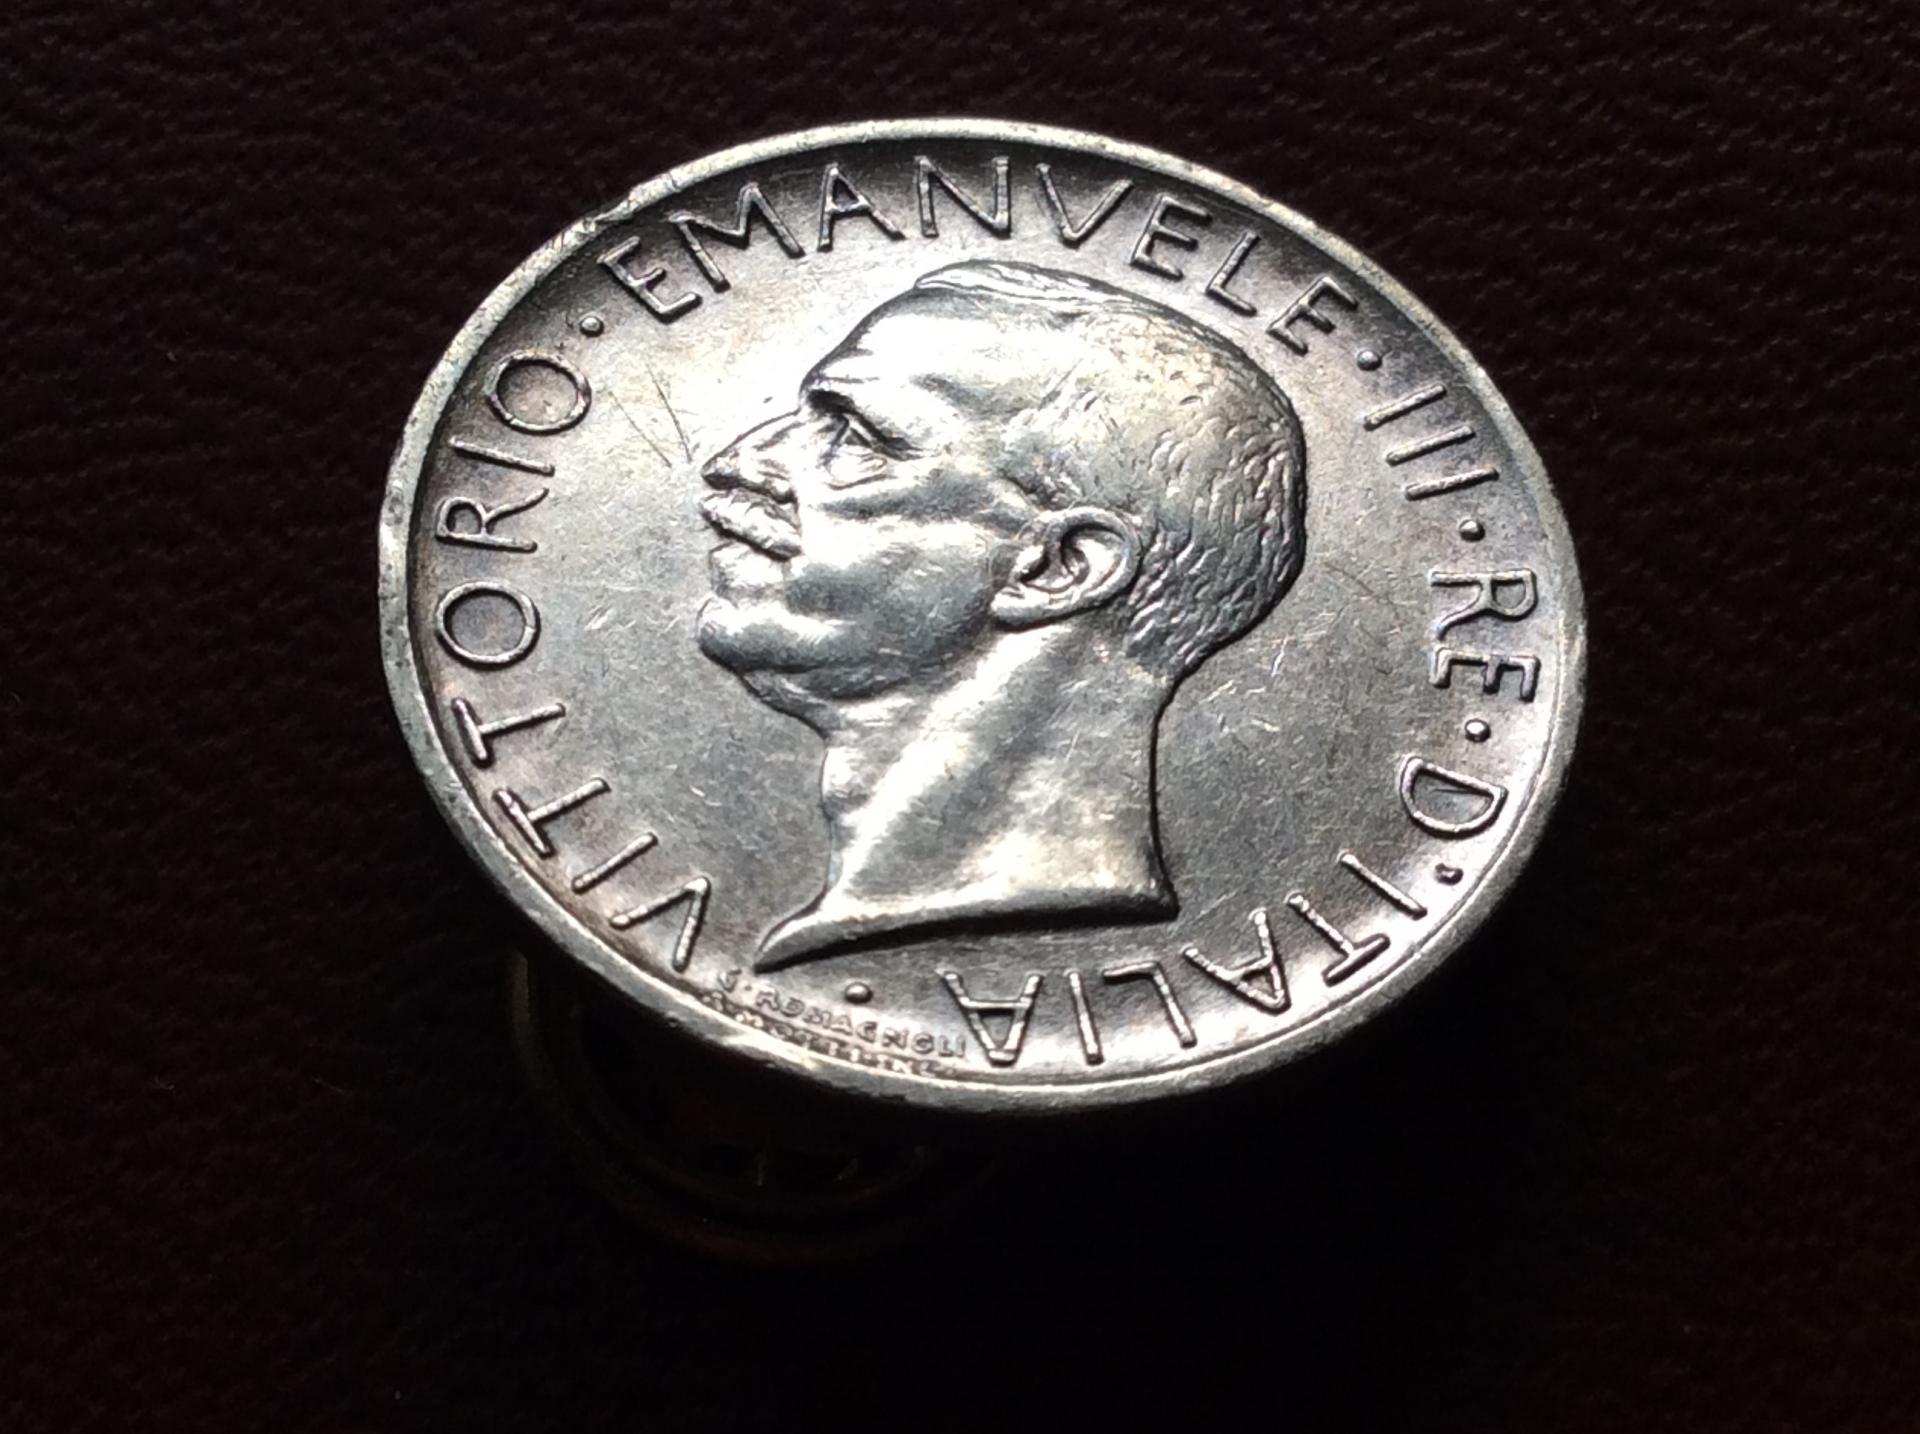 5 LIRAS DE PLATA DE 1927 - VITORIO EMANUELE III - ITALIA